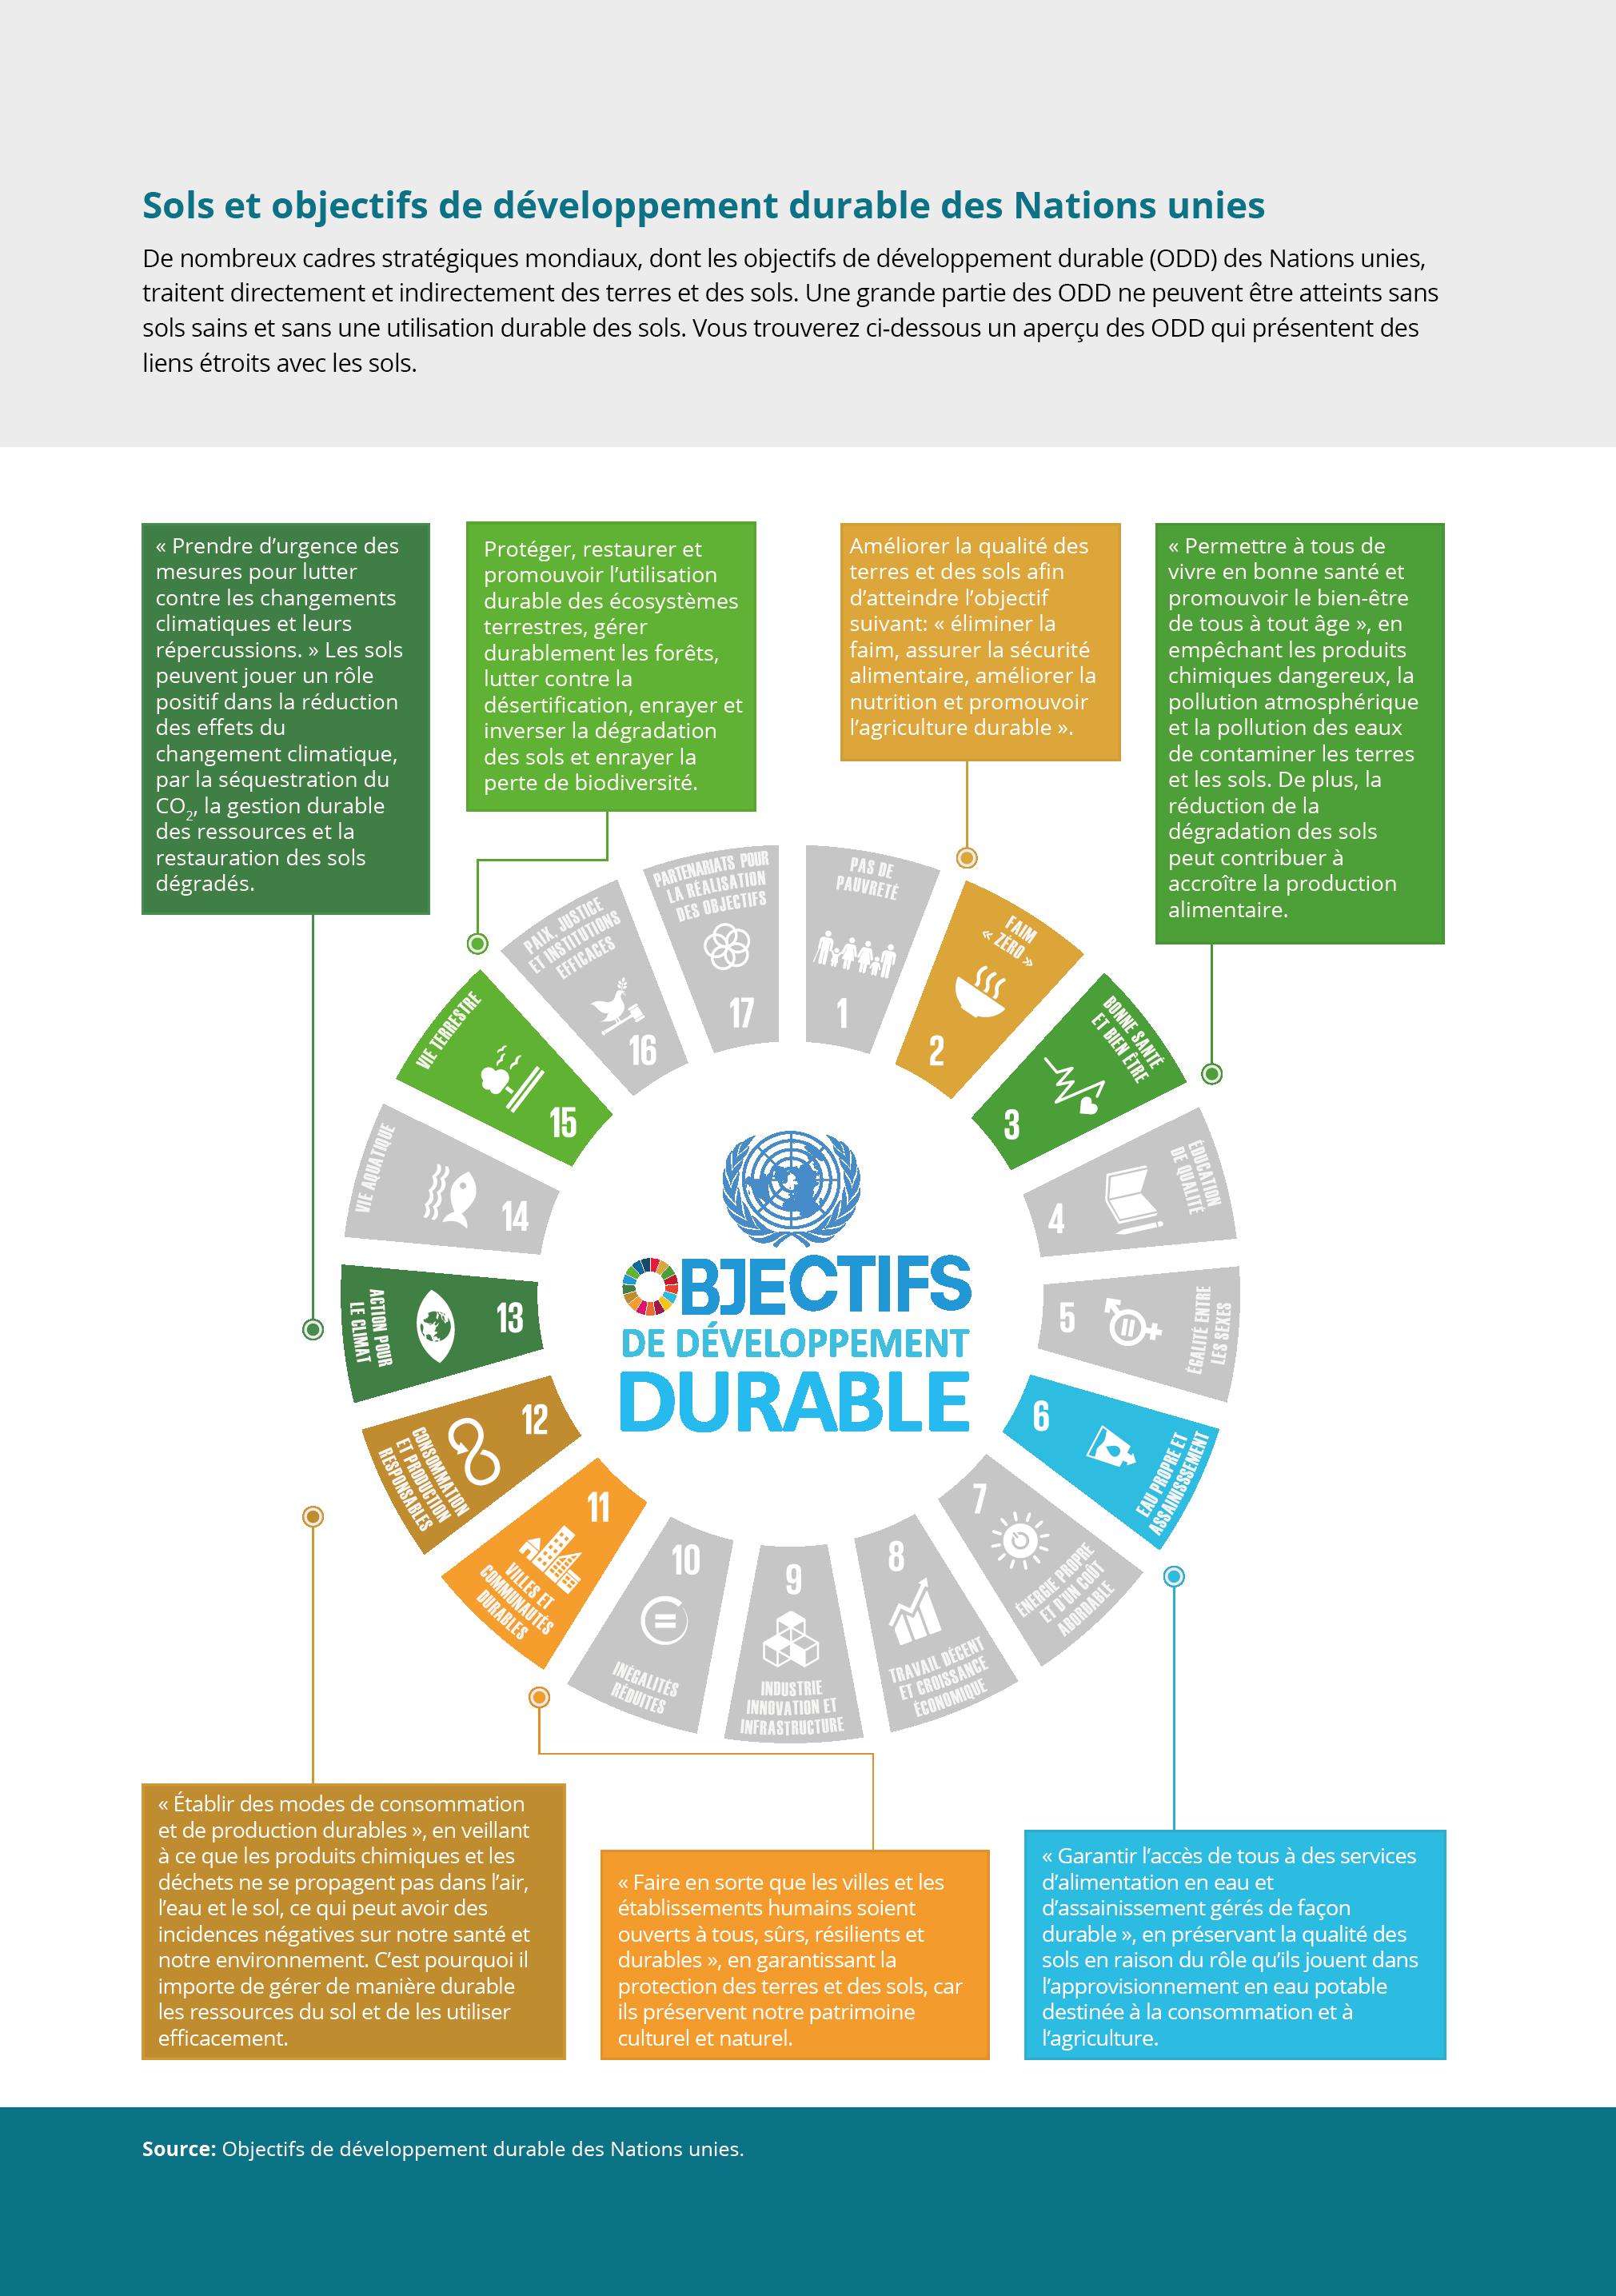 Sols et objectifs de développement durable des Nations unies